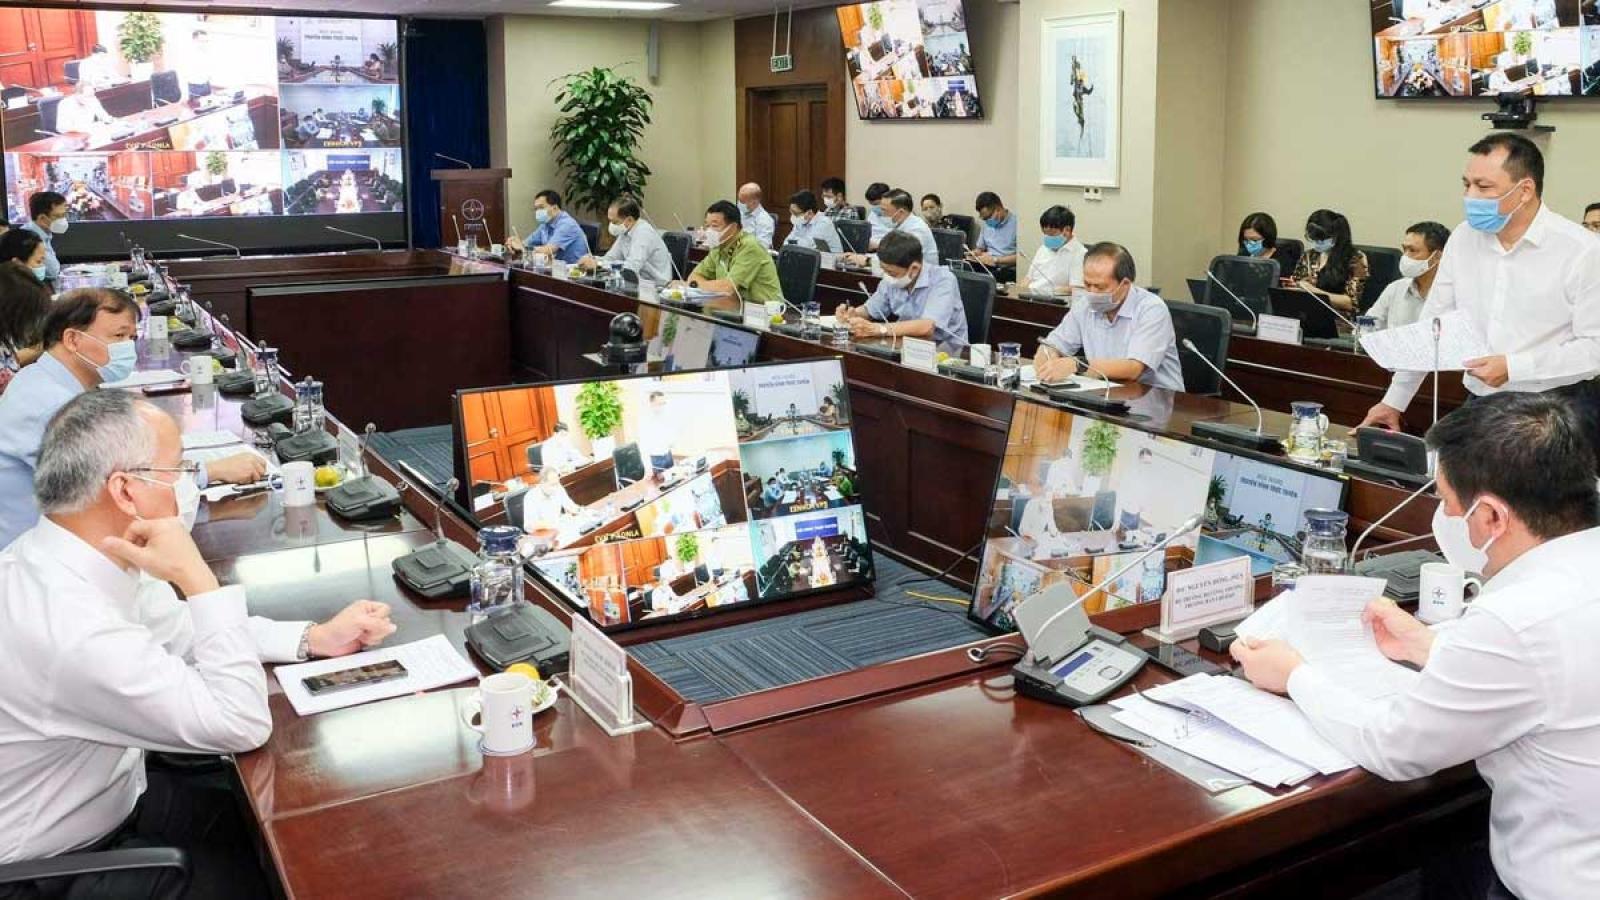 Những giải pháp ngăn chặn Covid-19 tại cơ sở công nghiệp và thương mại